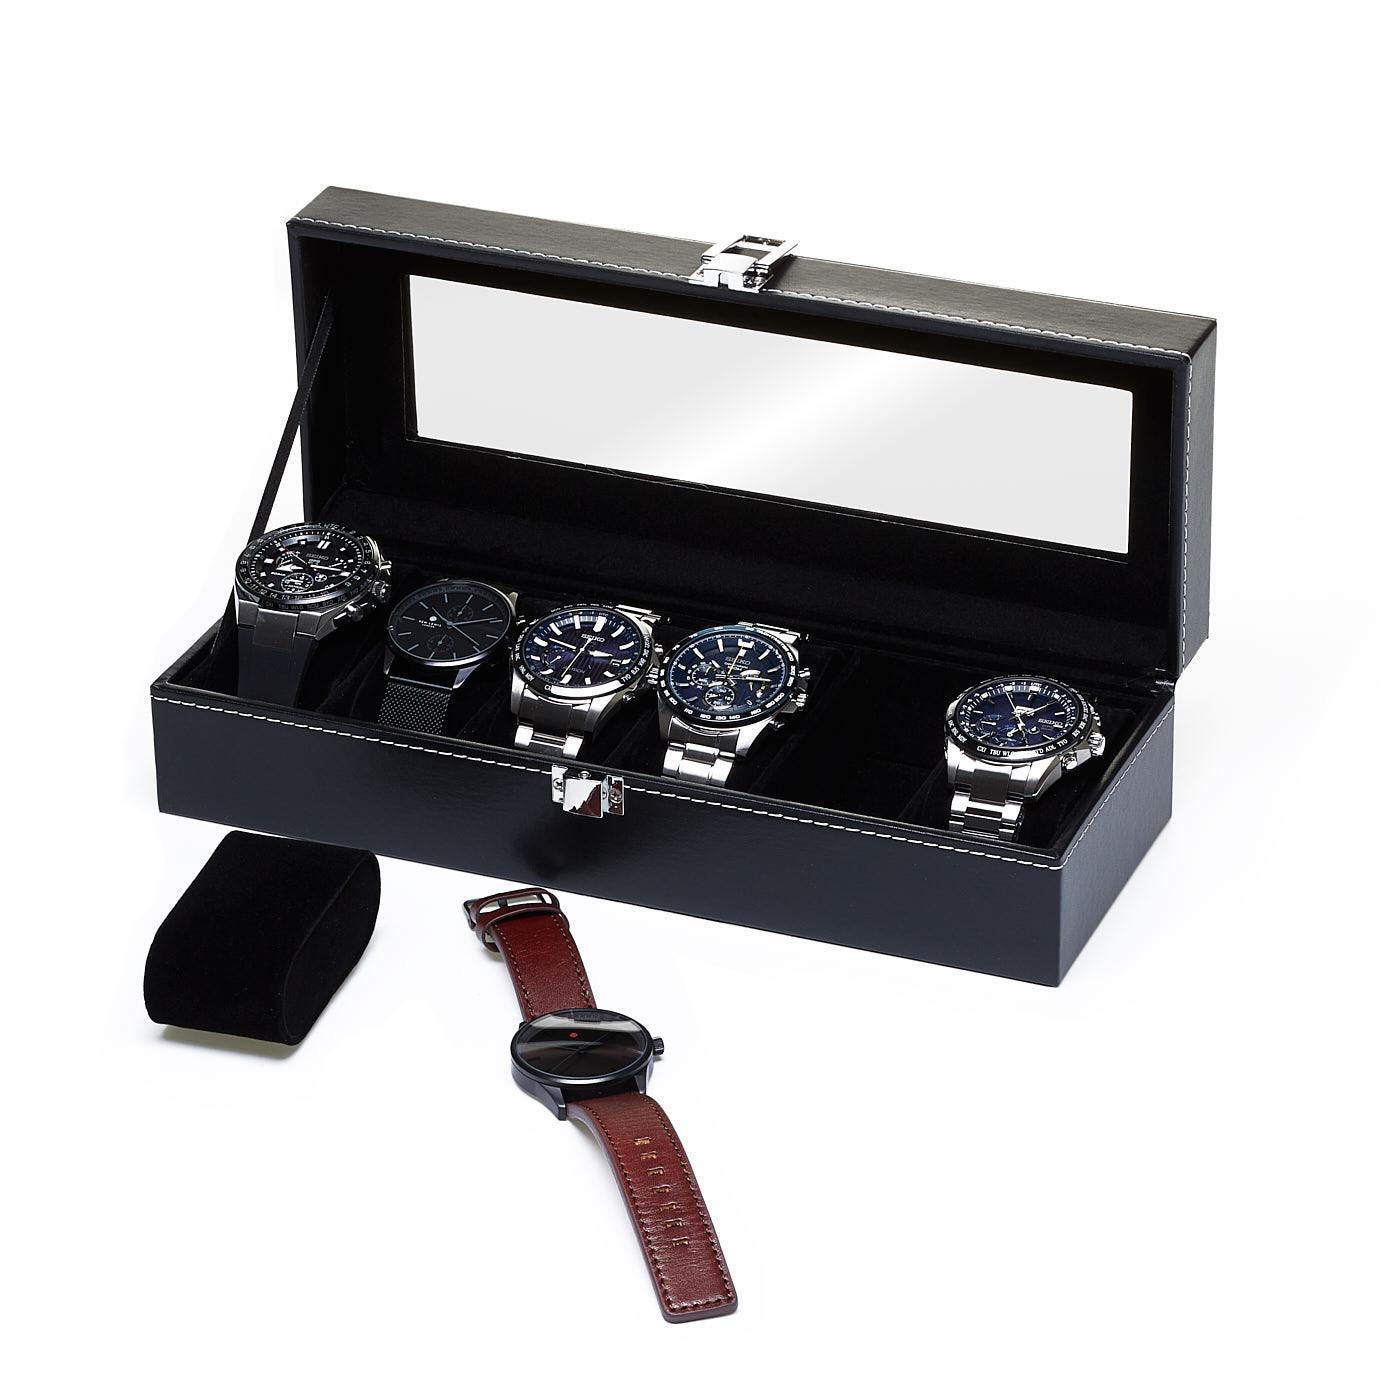 Watchbox Black, egnet til 6 ure.